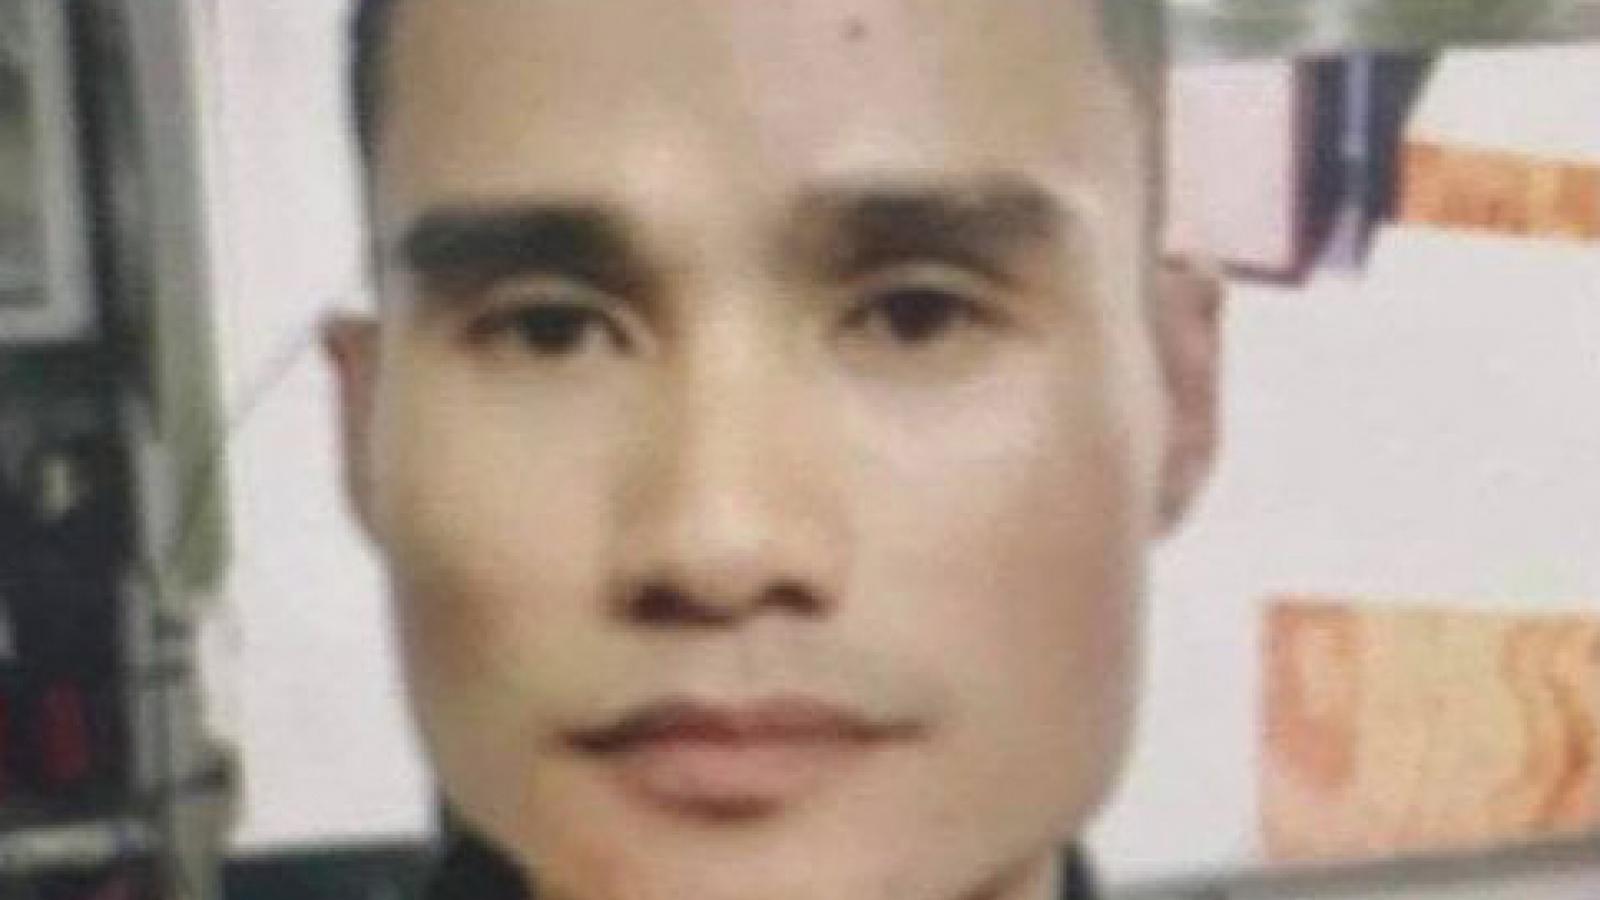 Khởi tố, bắt giam đối tượng phá cửa nhà dân trộm két sắt ở Hà Nội